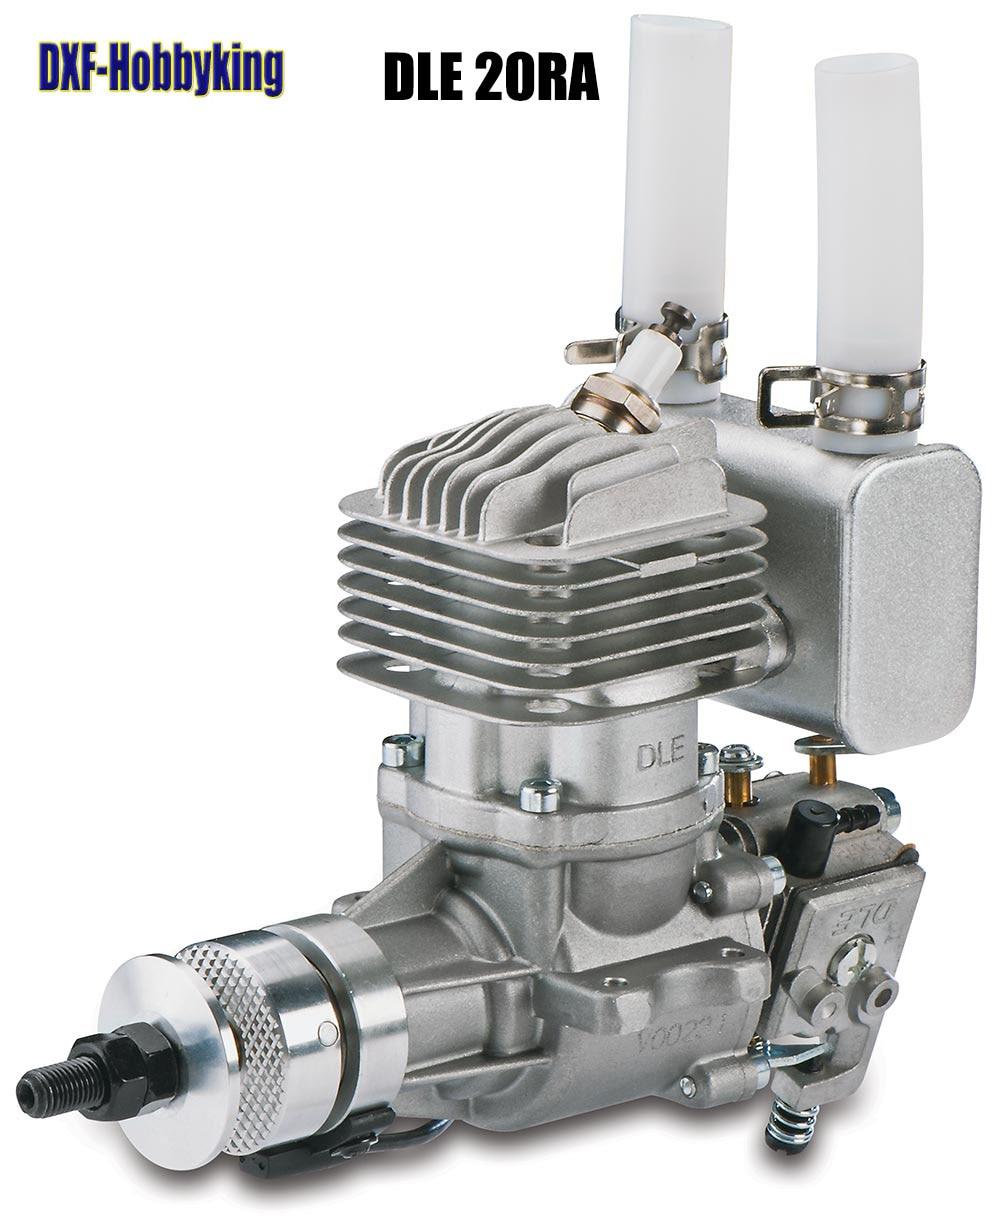 2017 DXF bonne qualité DLE 20 RA moteur à gaz d'origine pour modèle d'avion RC vente chaude, DLE20RA, DLE 20RA, DLE-20RA, DLE